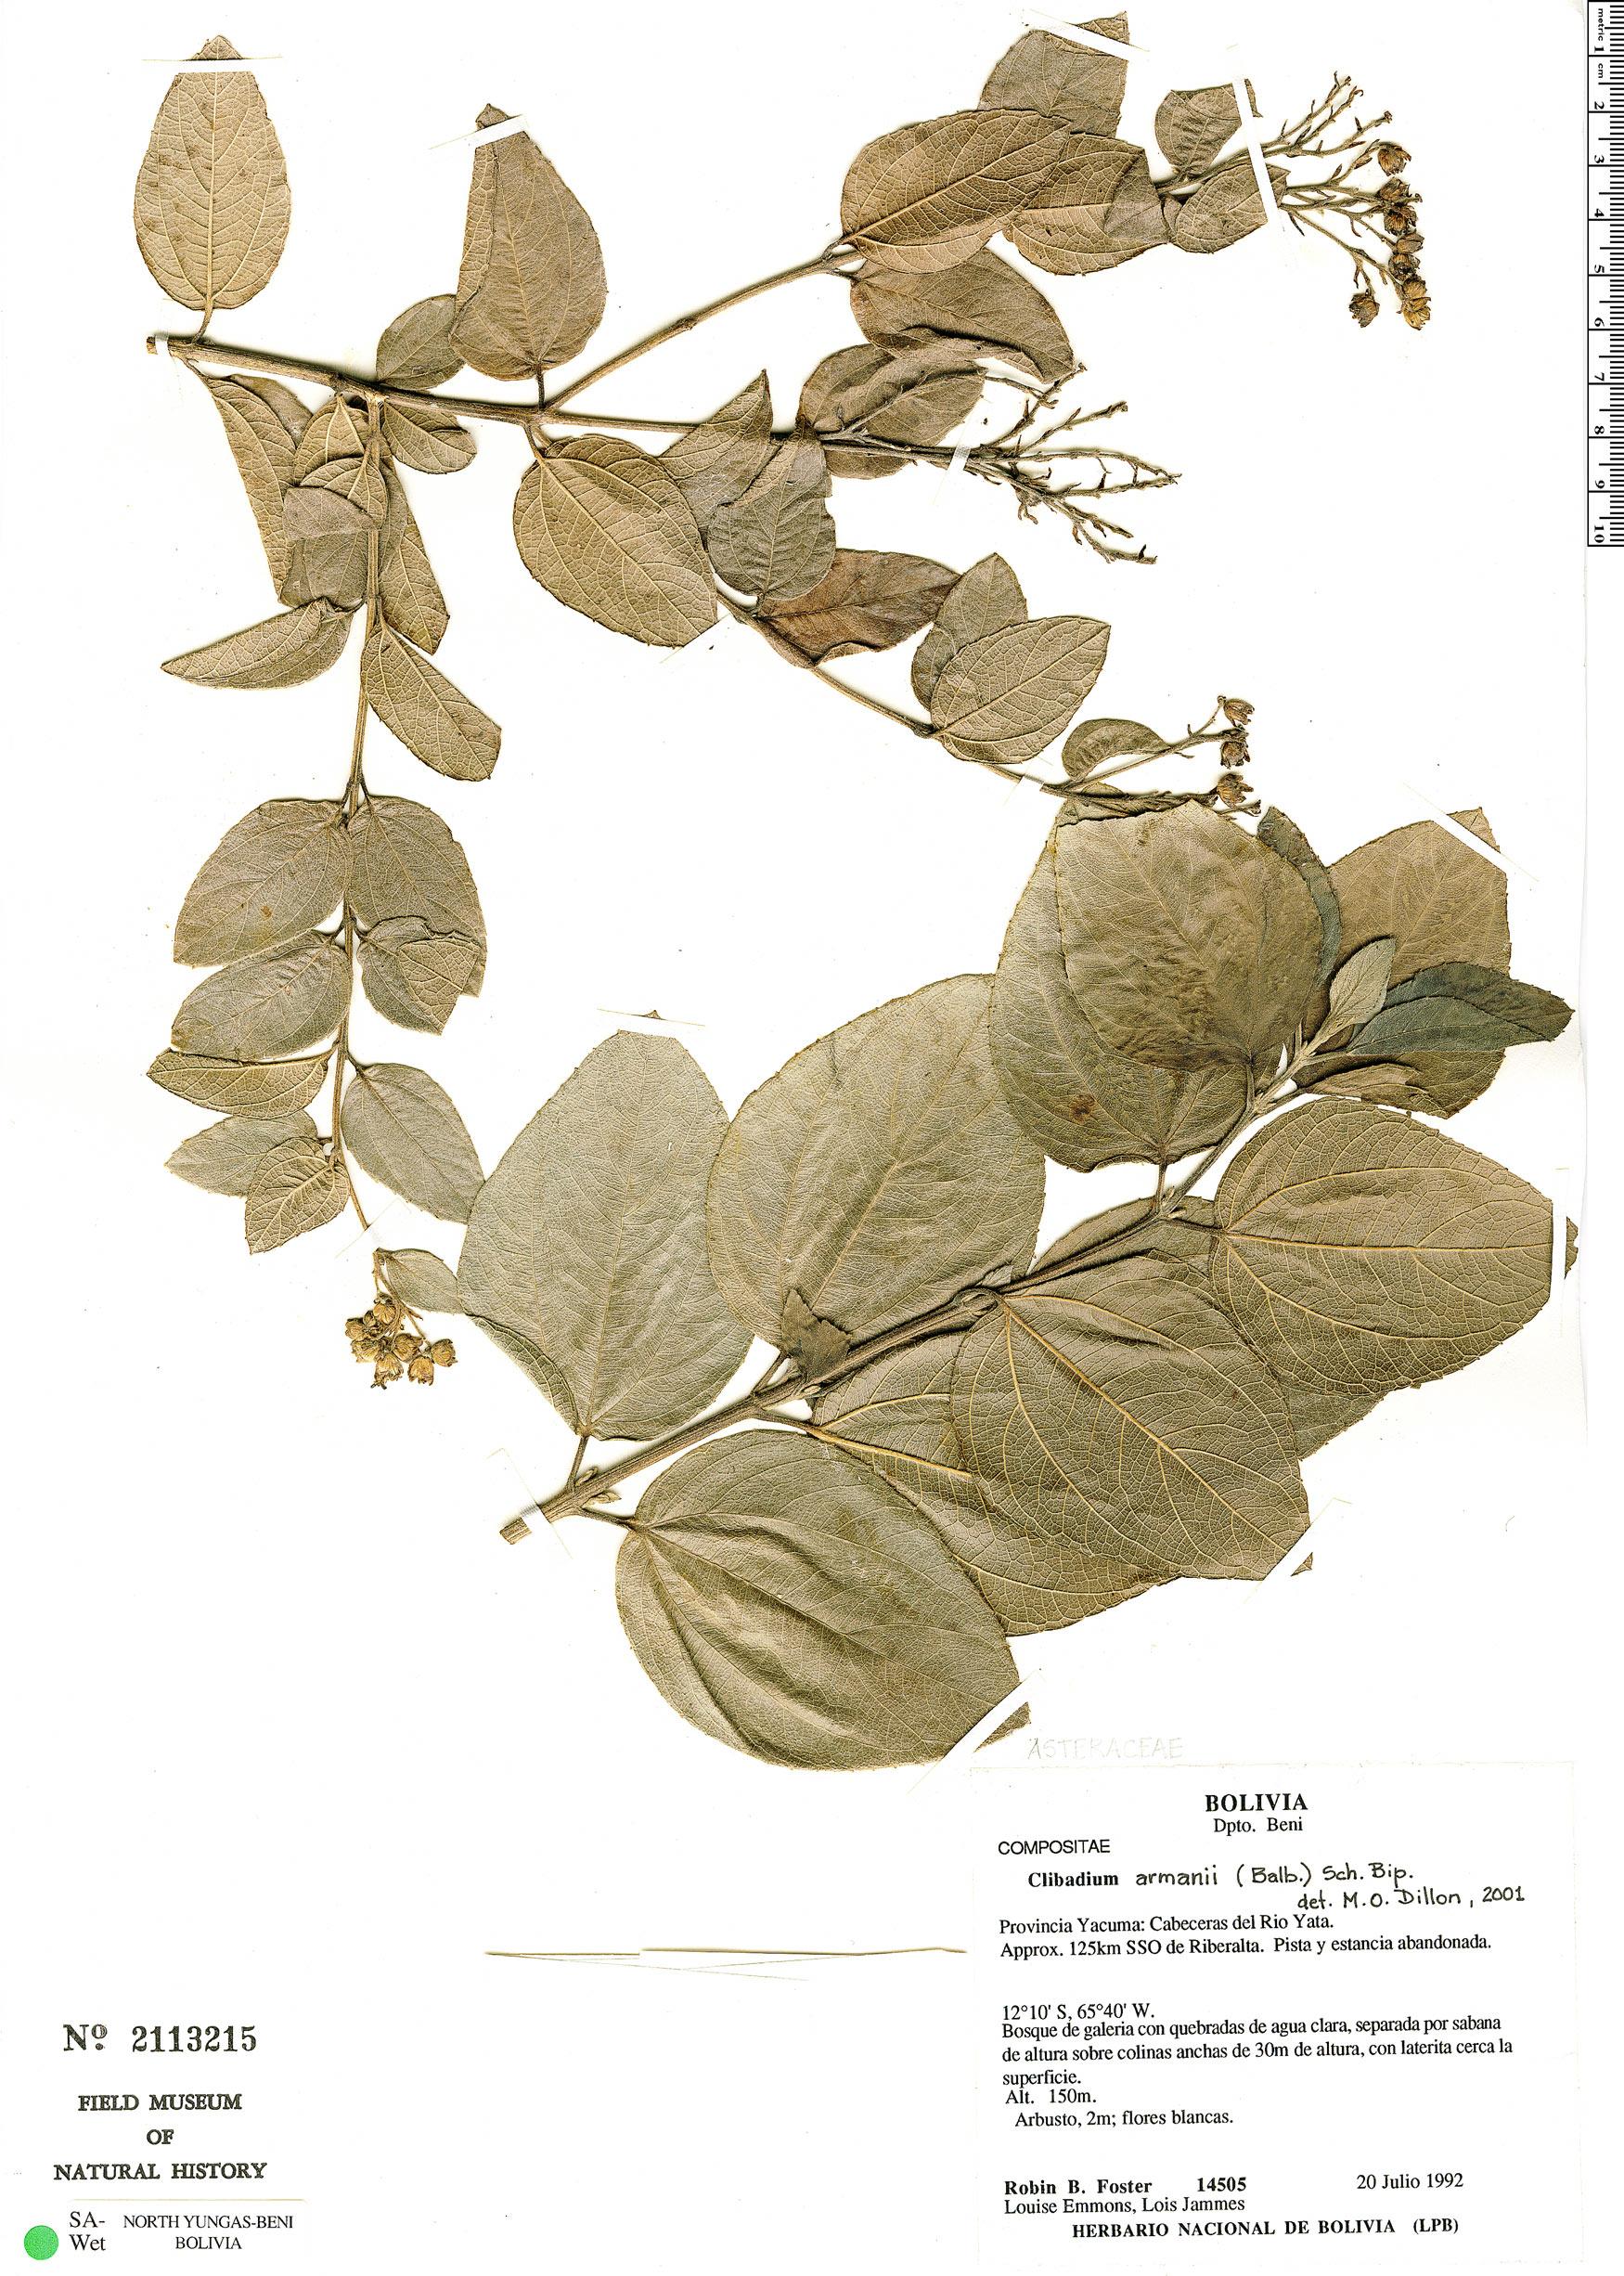 Specimen: Clibadium armanii